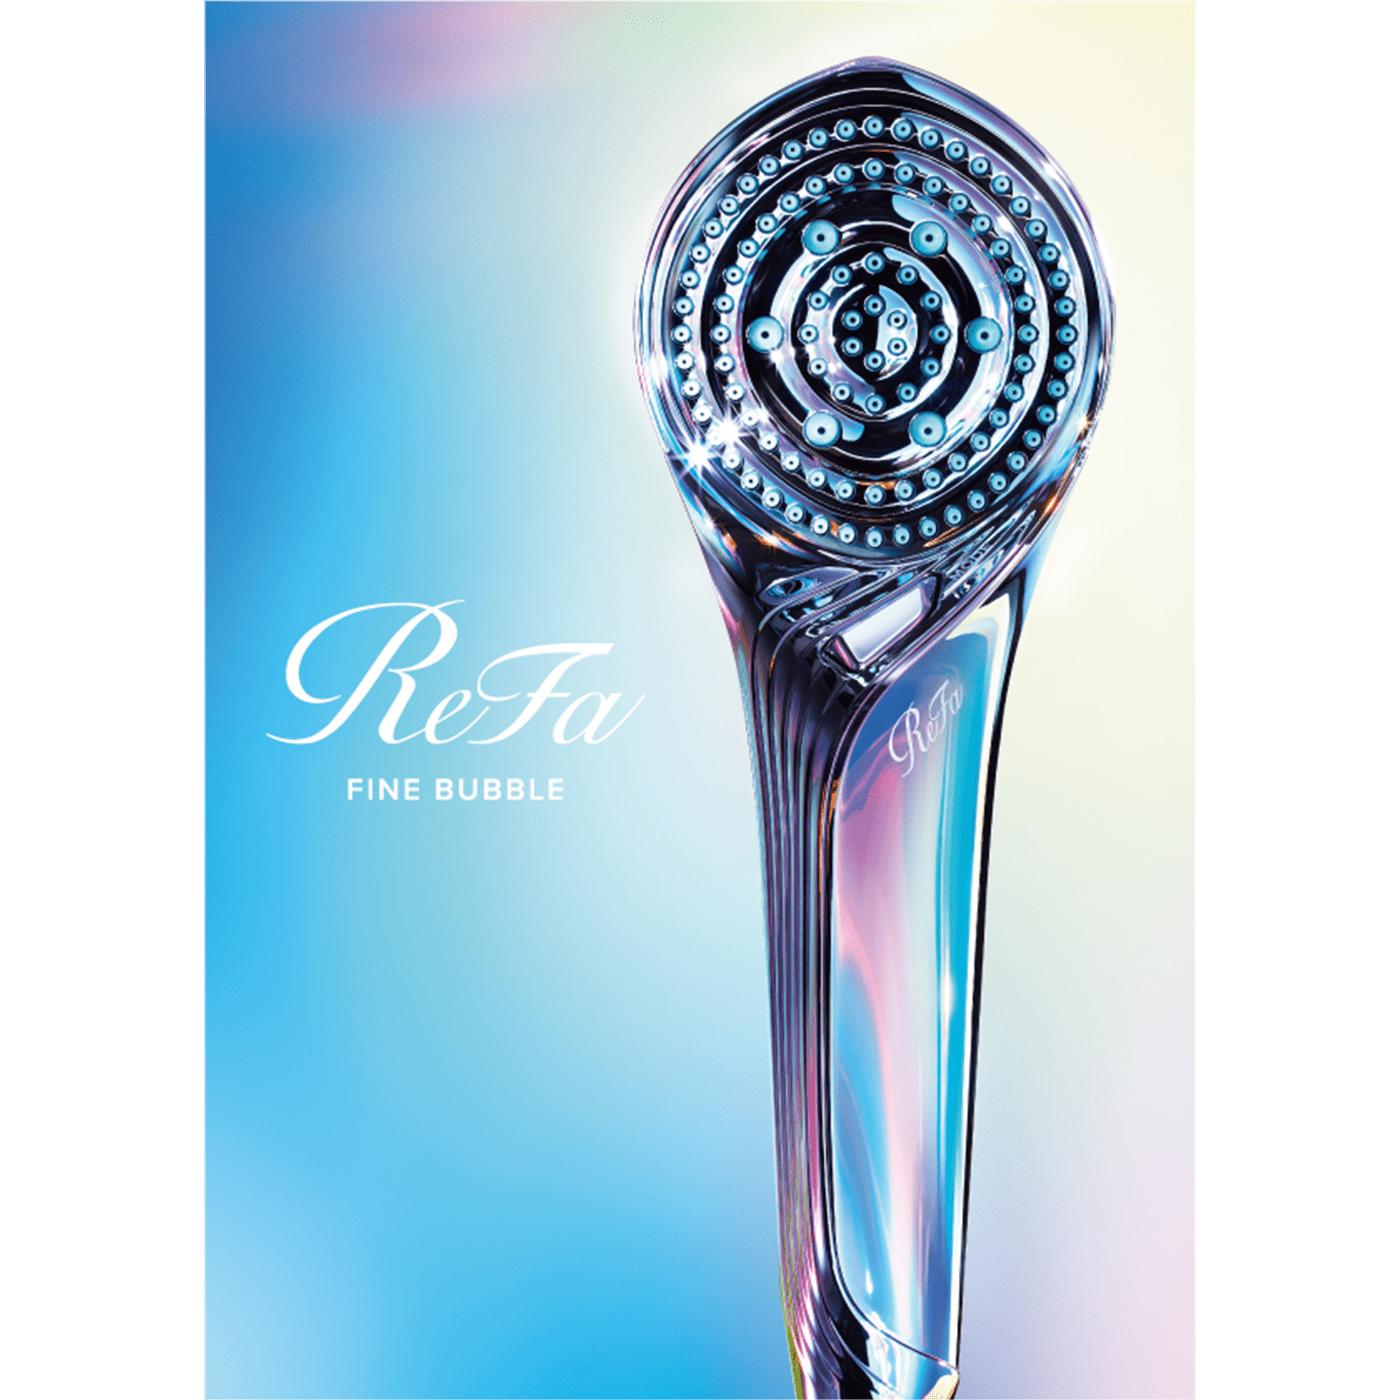 進化した独自テクノロジーが生み出すかつてない数の泡でバスタイムは美しさを磨く時間へ「ReFa FINE BUBBLE S」誕生。